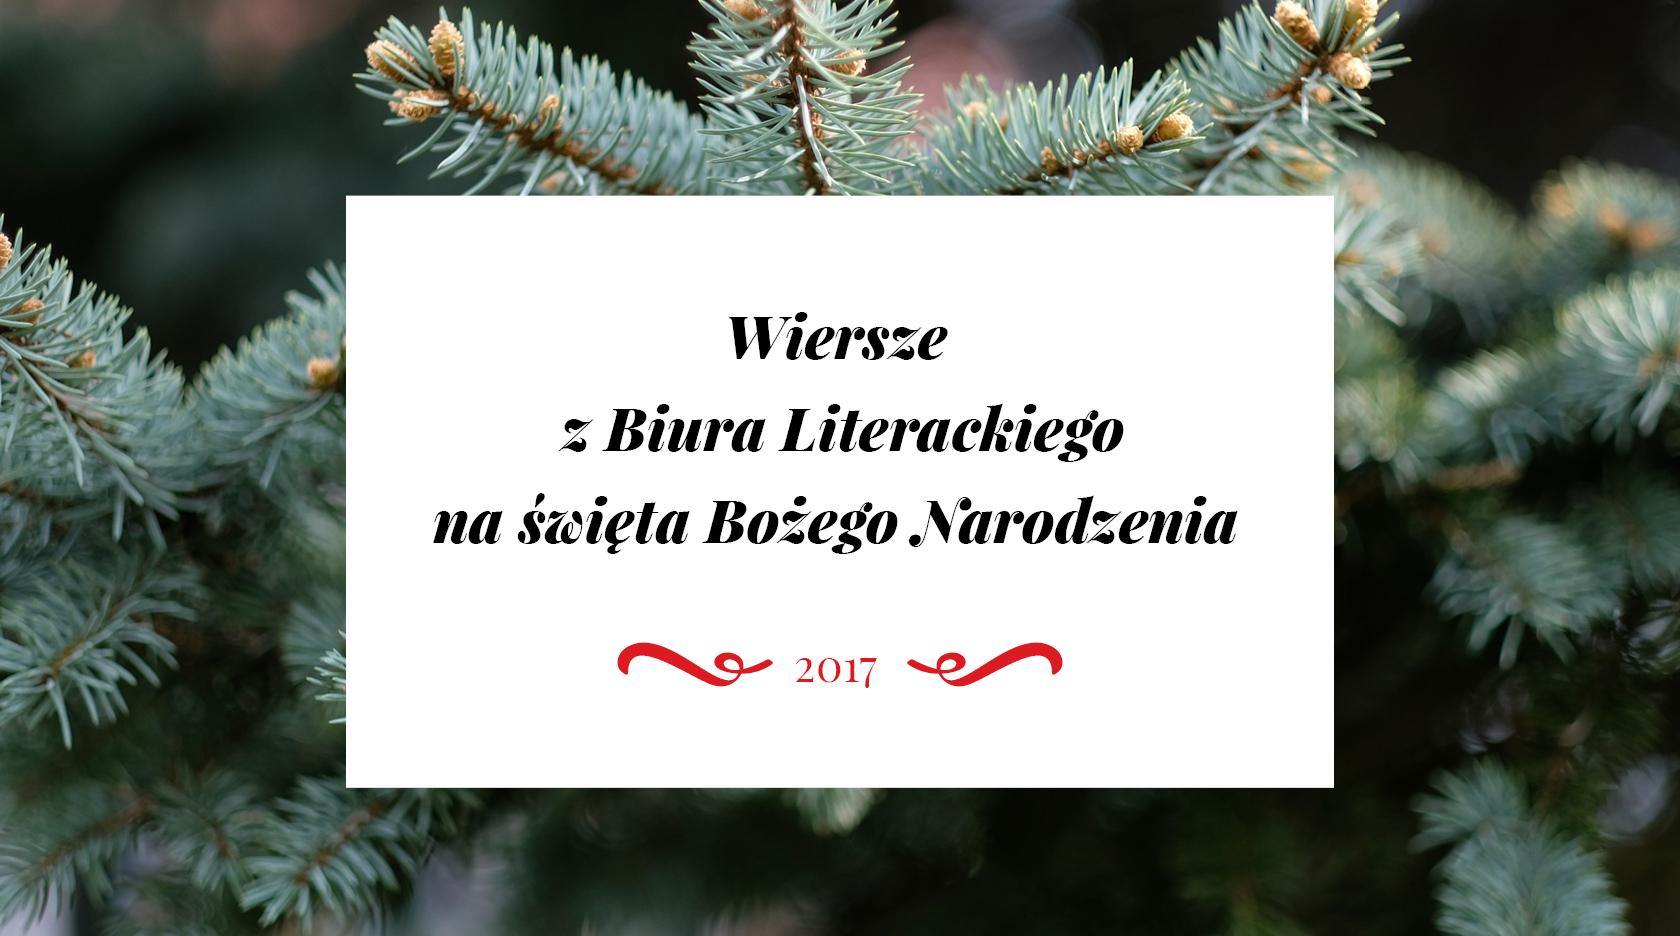 BL Img 2017.12.22 Wiersze na święta Bożego Narodzenia 2017_www